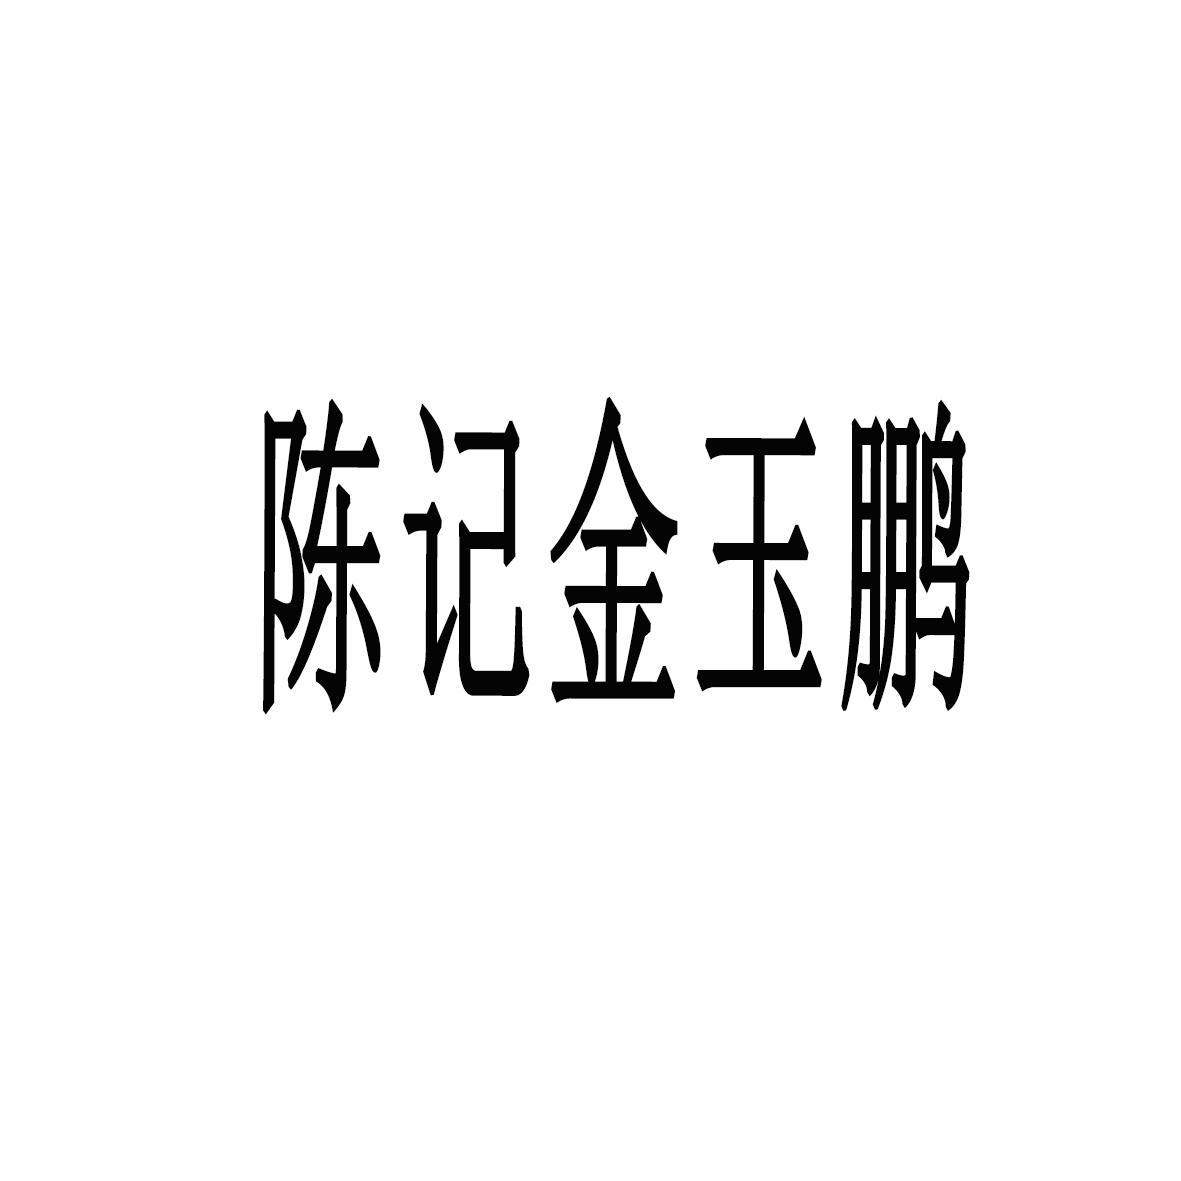 商标文字陈记金玉鹏商标注册号 41673635、商标申请人陈川的商标详情 - 标库网商标查询